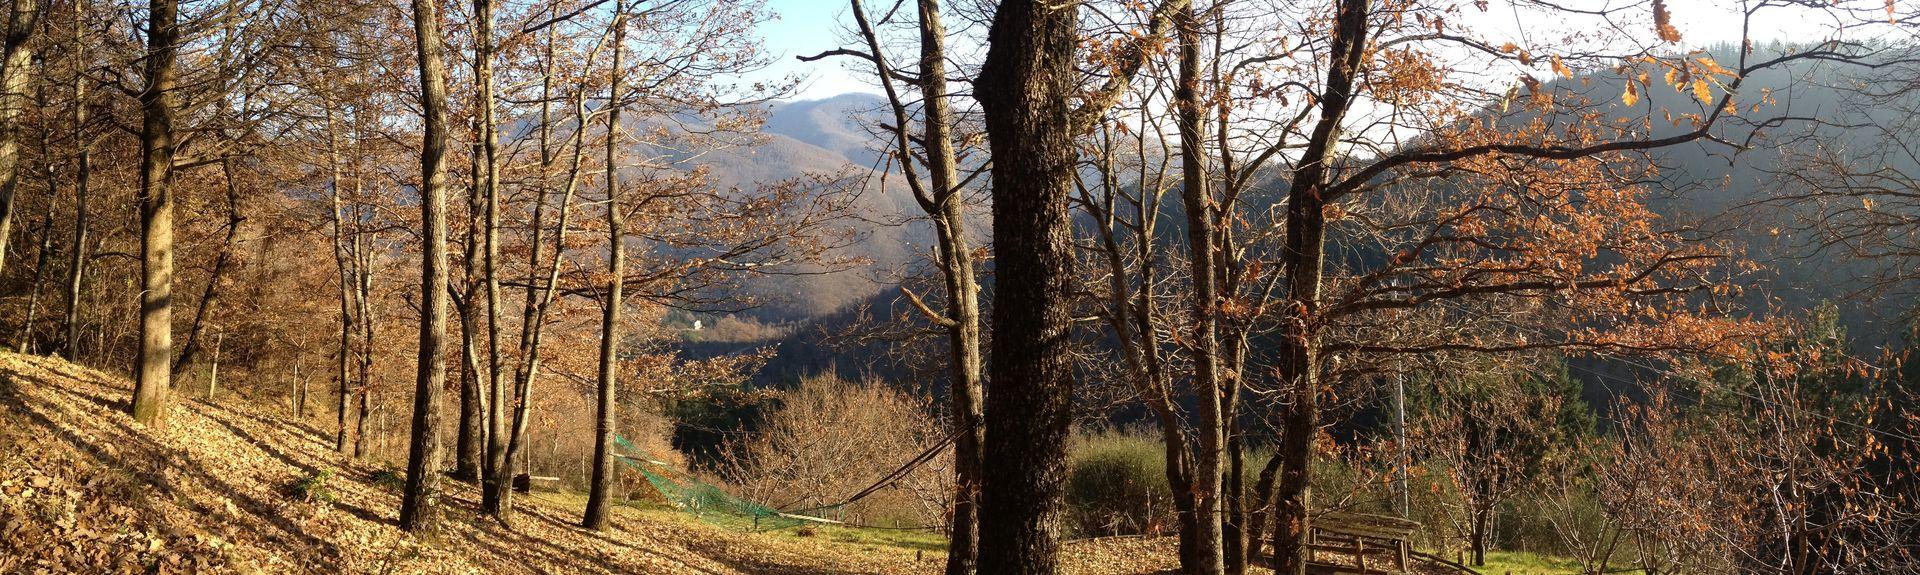 Valagnesi, Arezzo, Tuscany, Italy